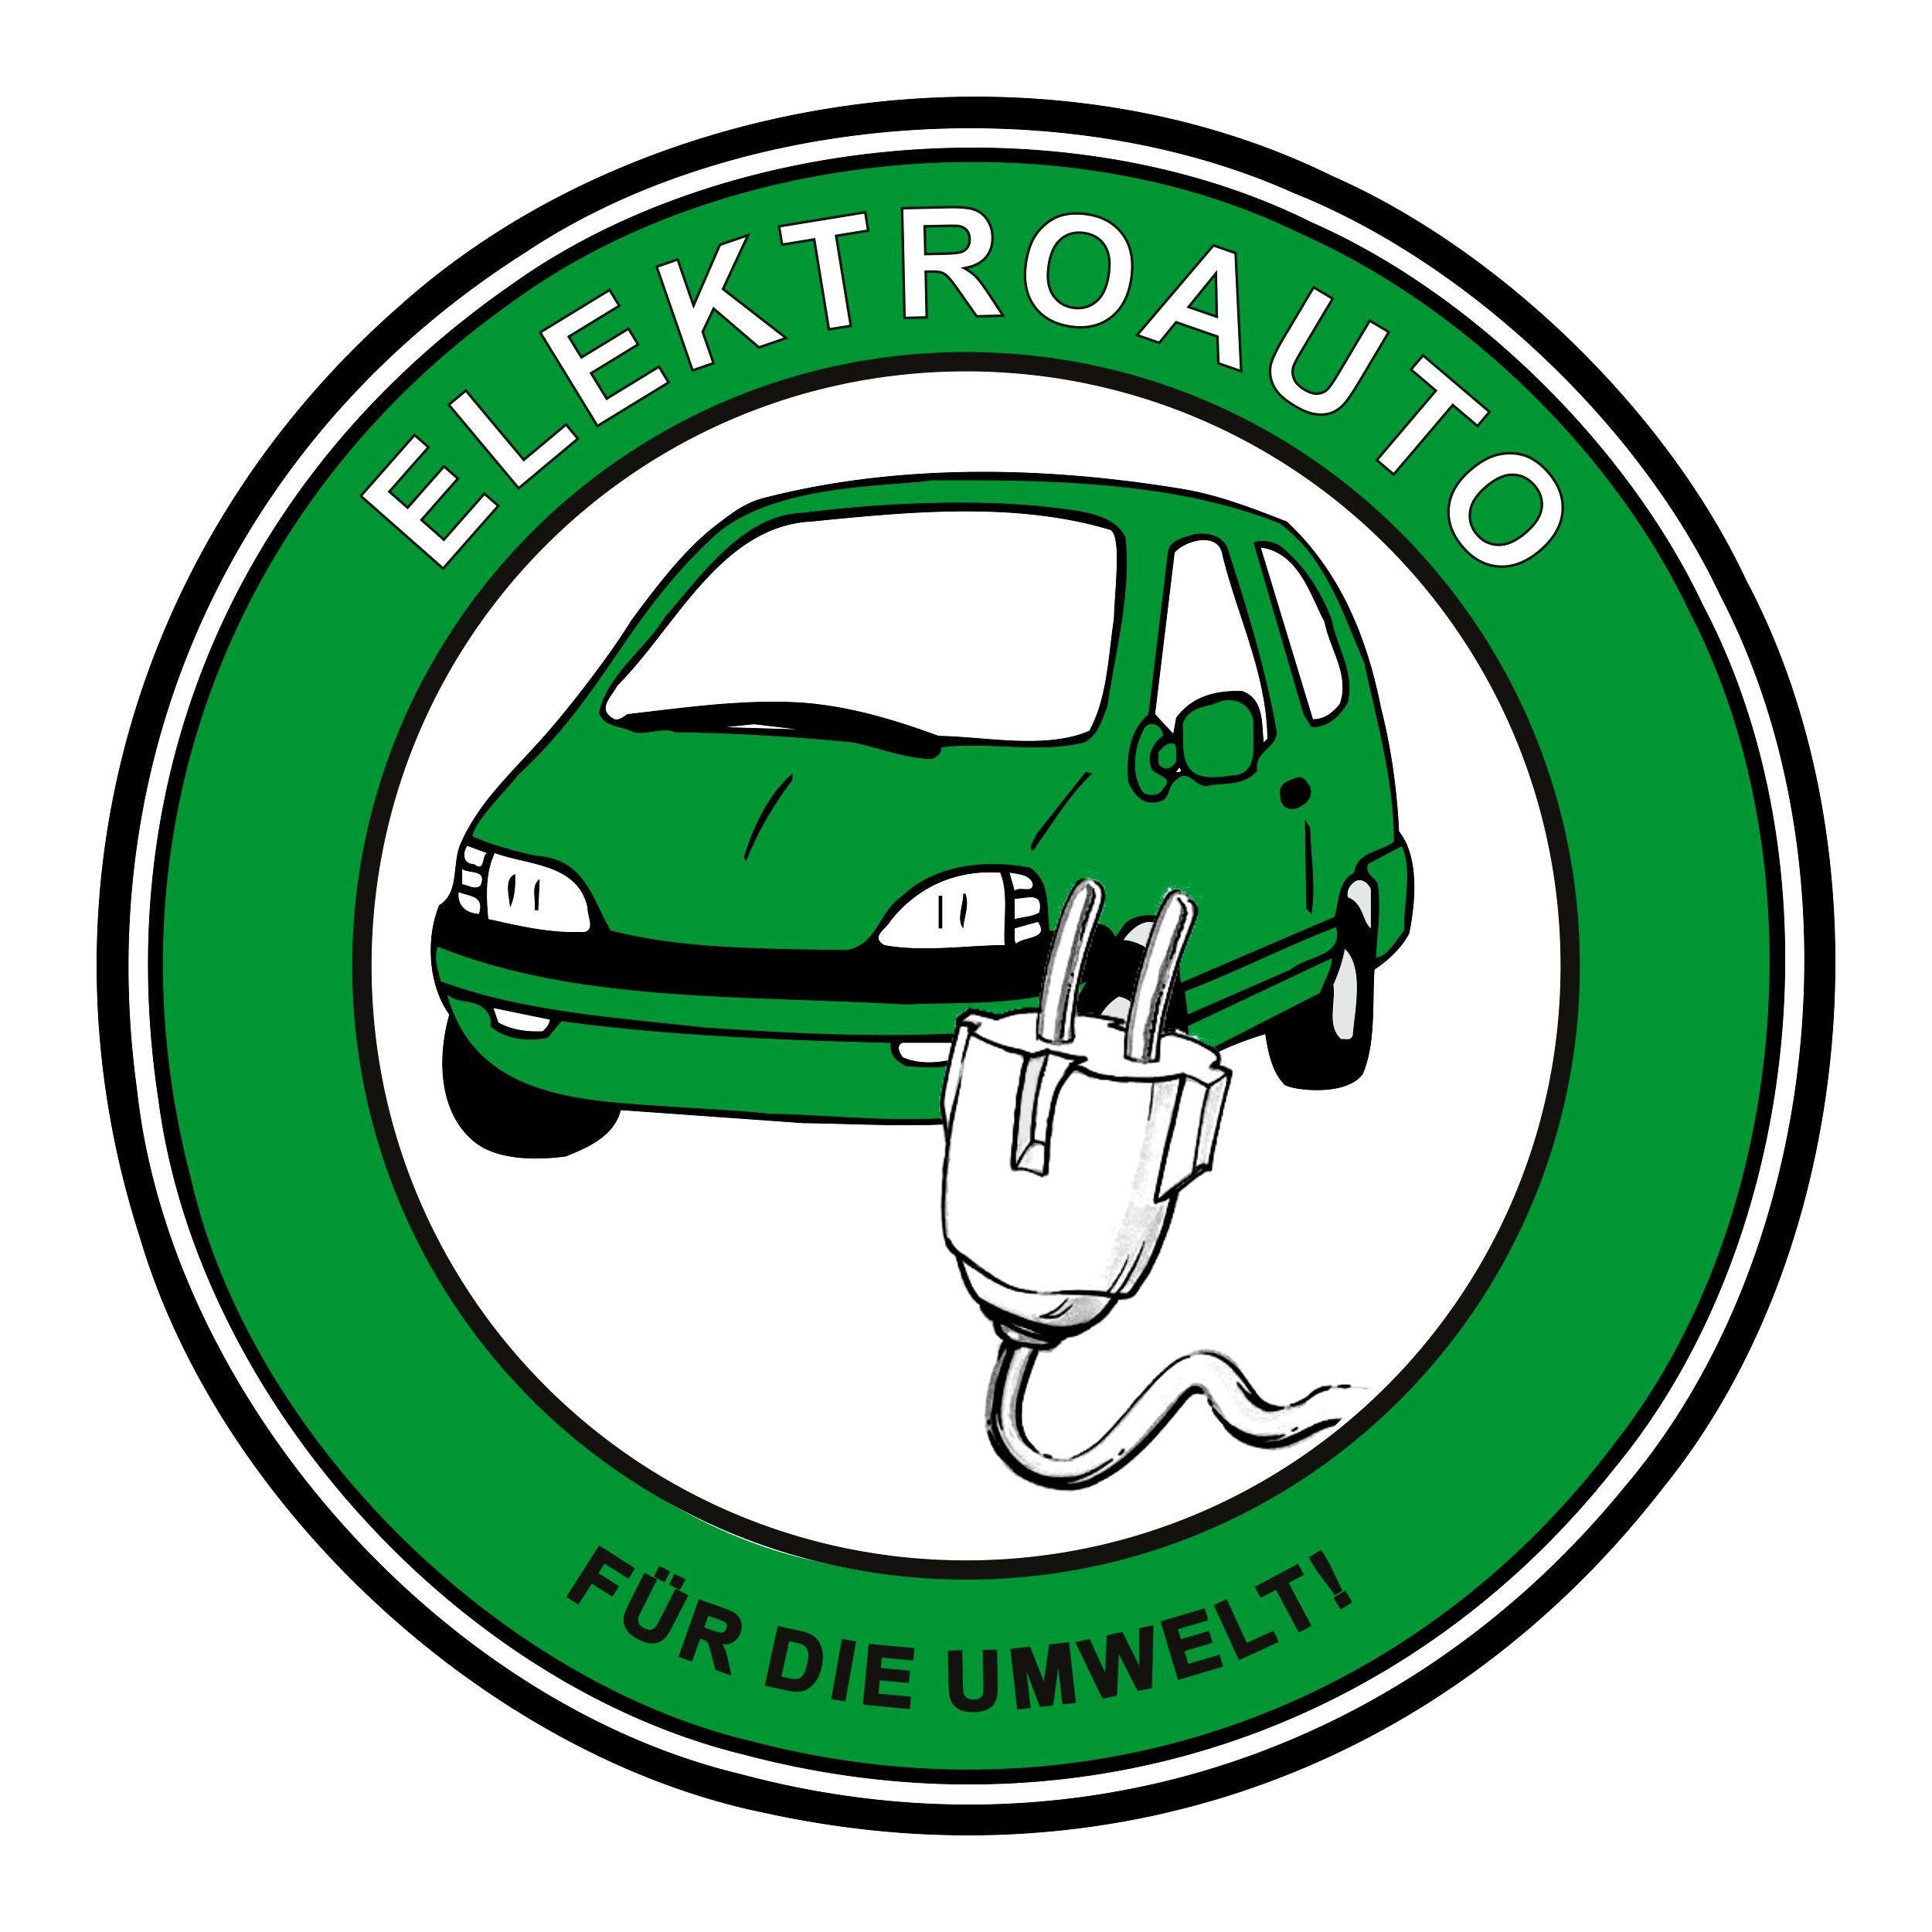 Sticker Elektroauto - Für die Umwelt! Ø 60mm – Bild 1